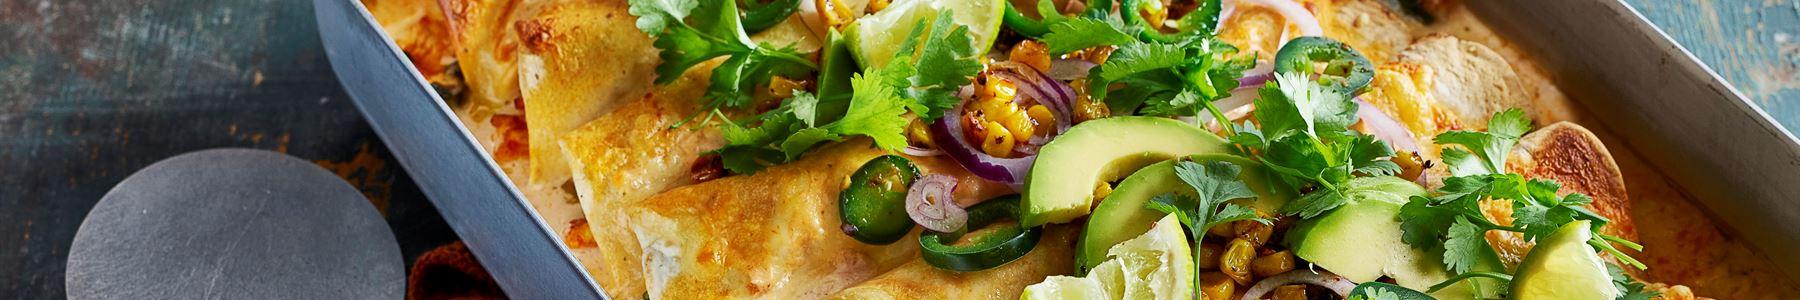 Avokado + Enchiladas + Gratinerad